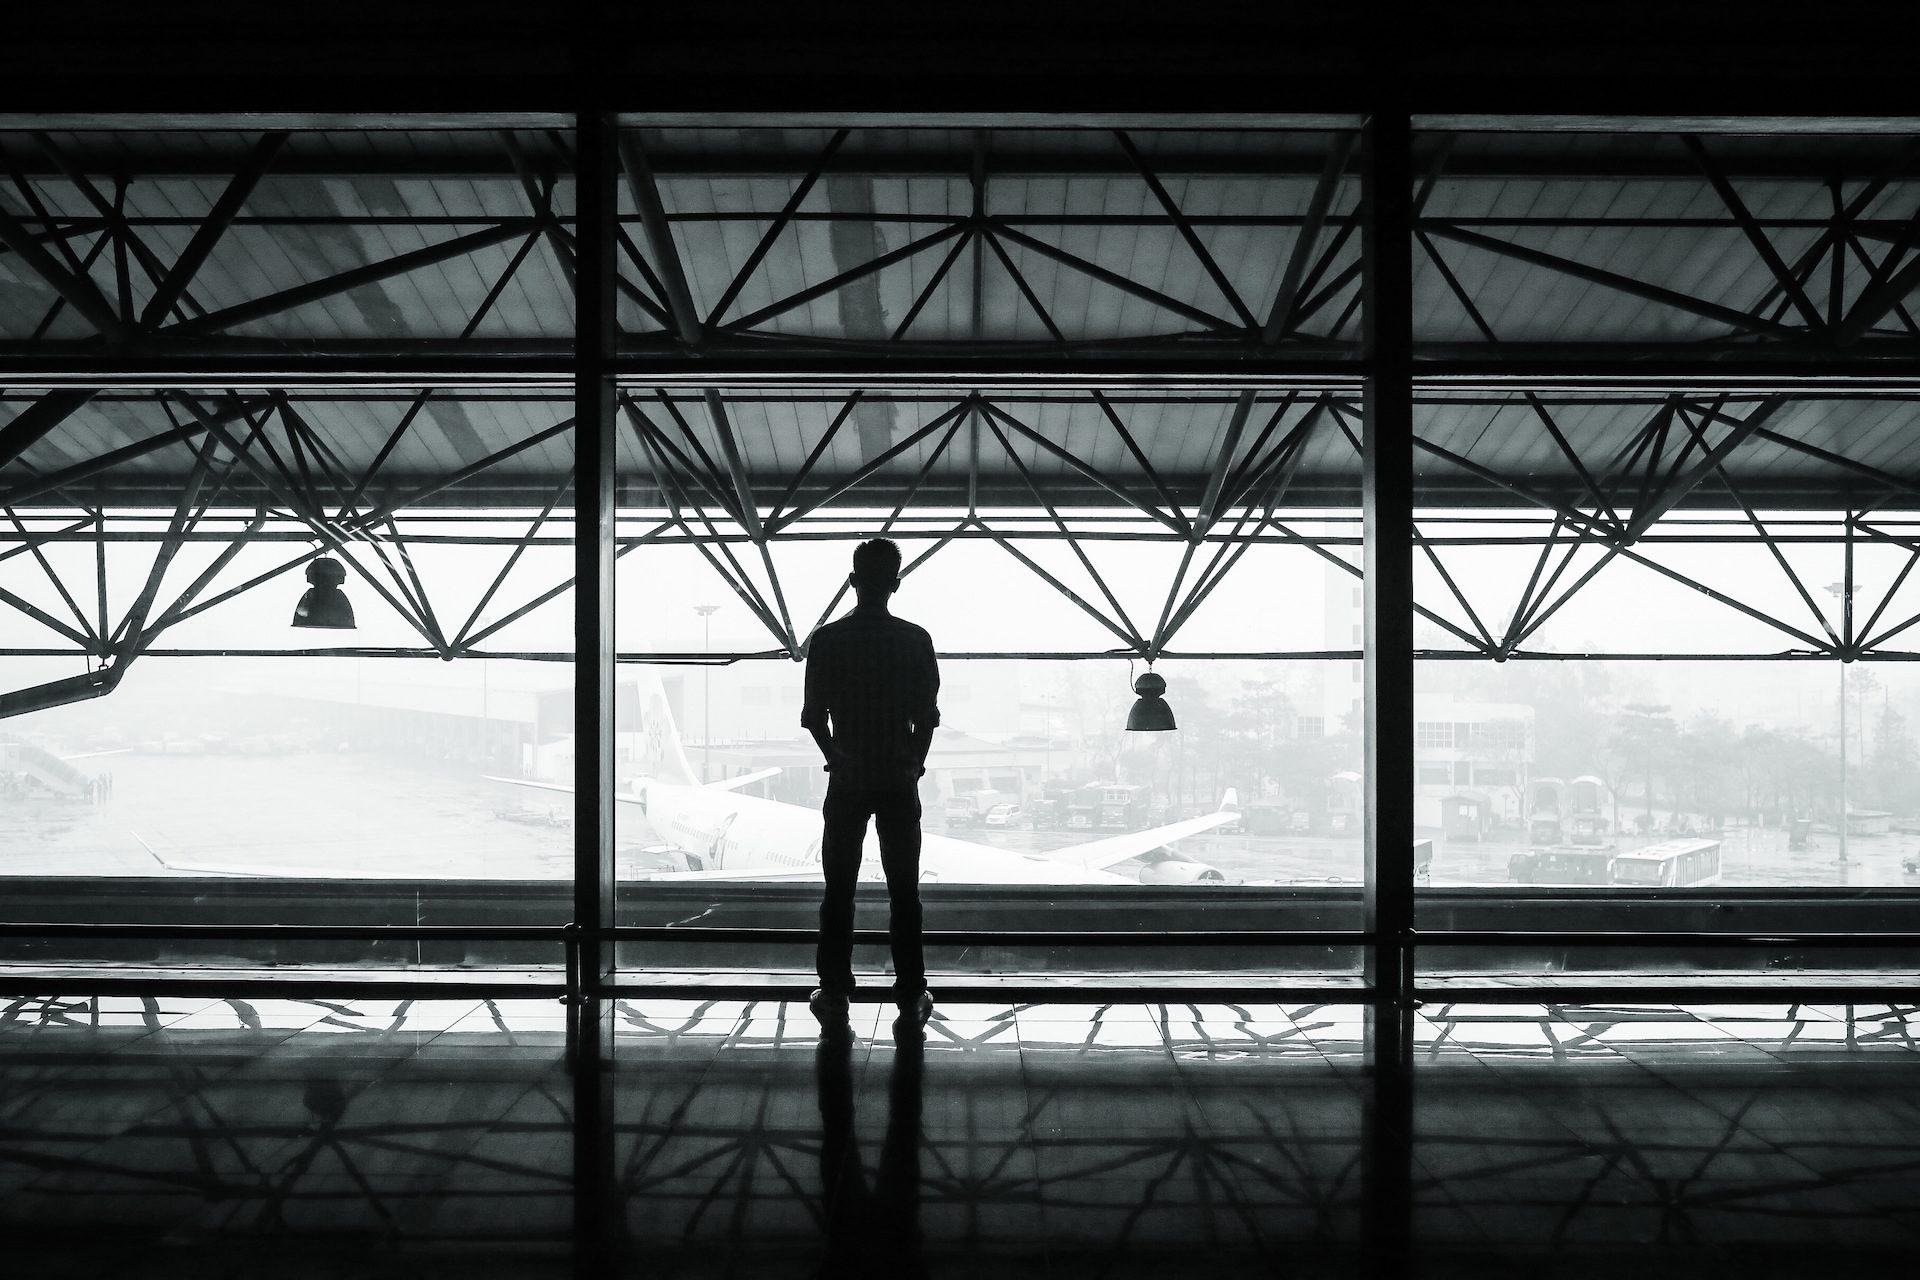 Aeroporto, dei viaggiatori, Aspetta, Soledad, aeromobili - Sfondi HD - Professor-falken.com